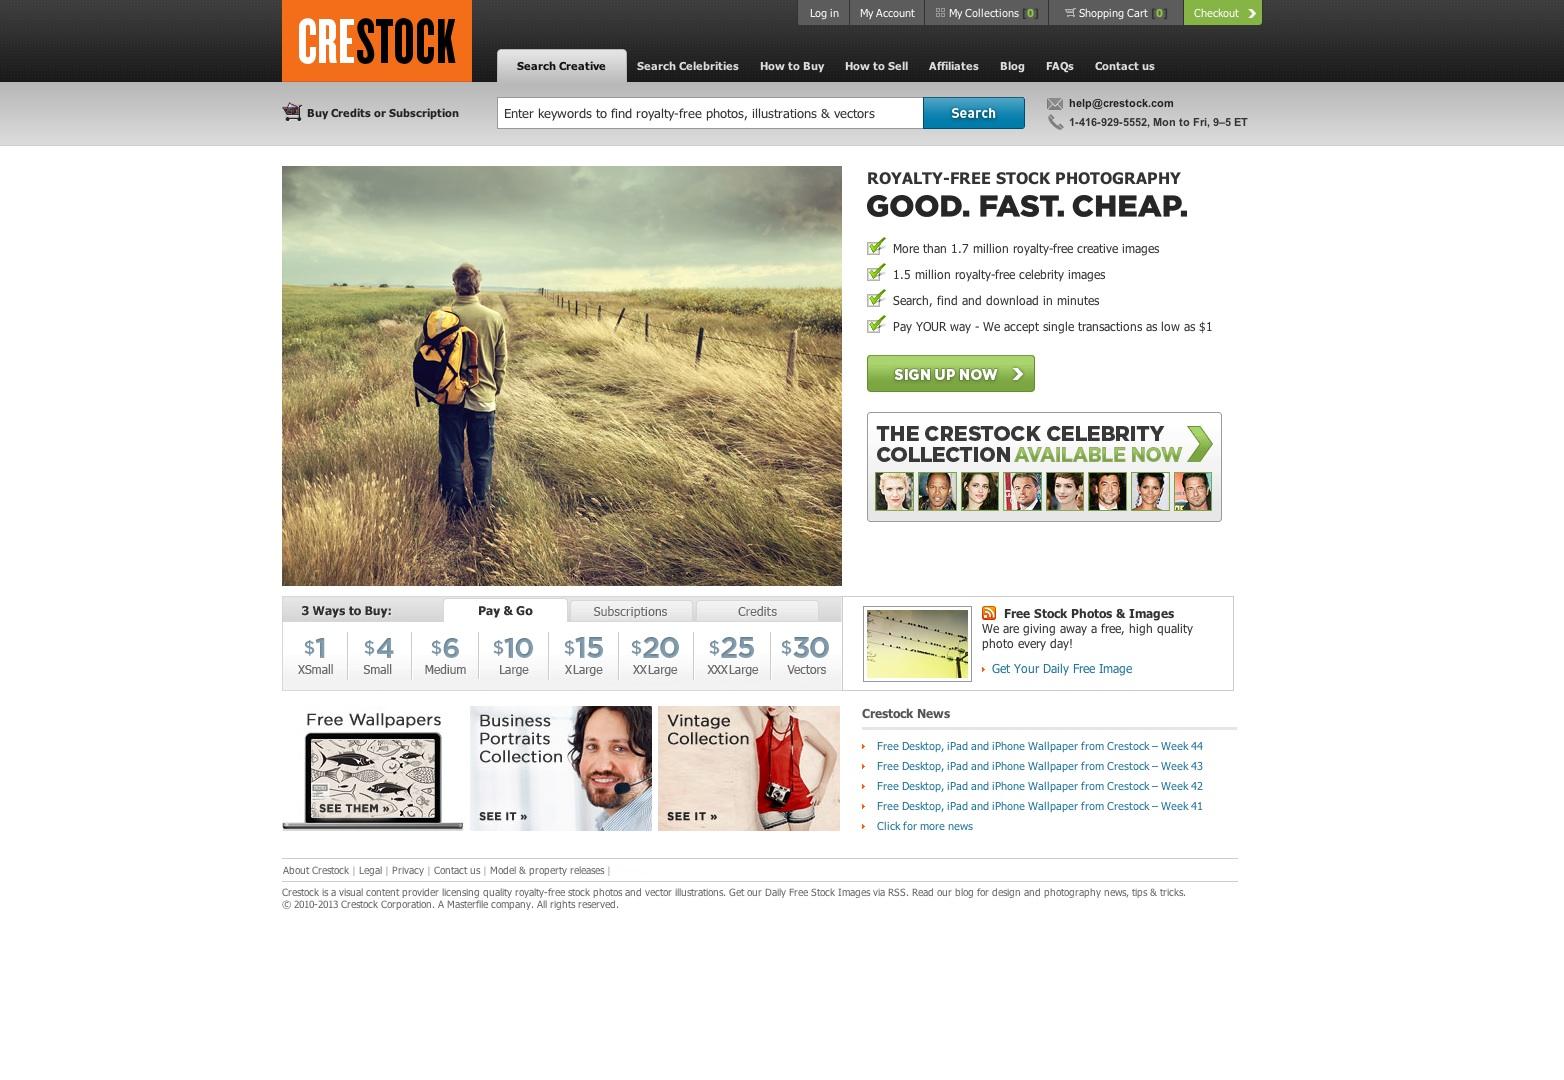 Crestock.com | Fotos de stock e ilustraciones sin royalties